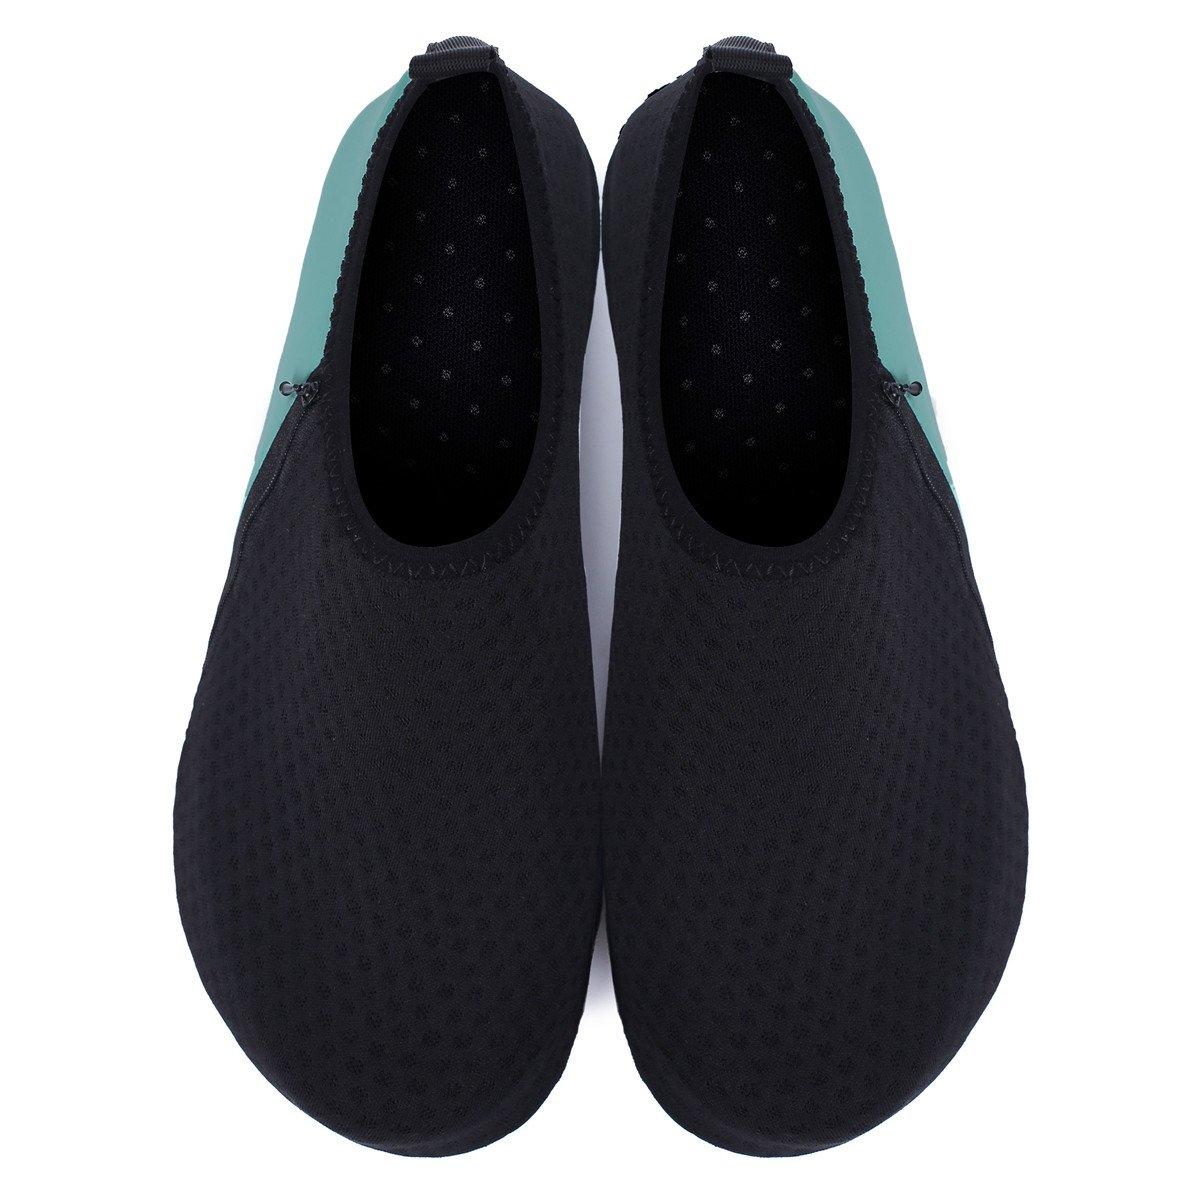 JIASUQI Mens Beach Walking Sandals Water Shoes for Pool Swim Zip Green US 7.5-8.5 Women, 6.5-7.5 Men by JIASUQI (Image #6)